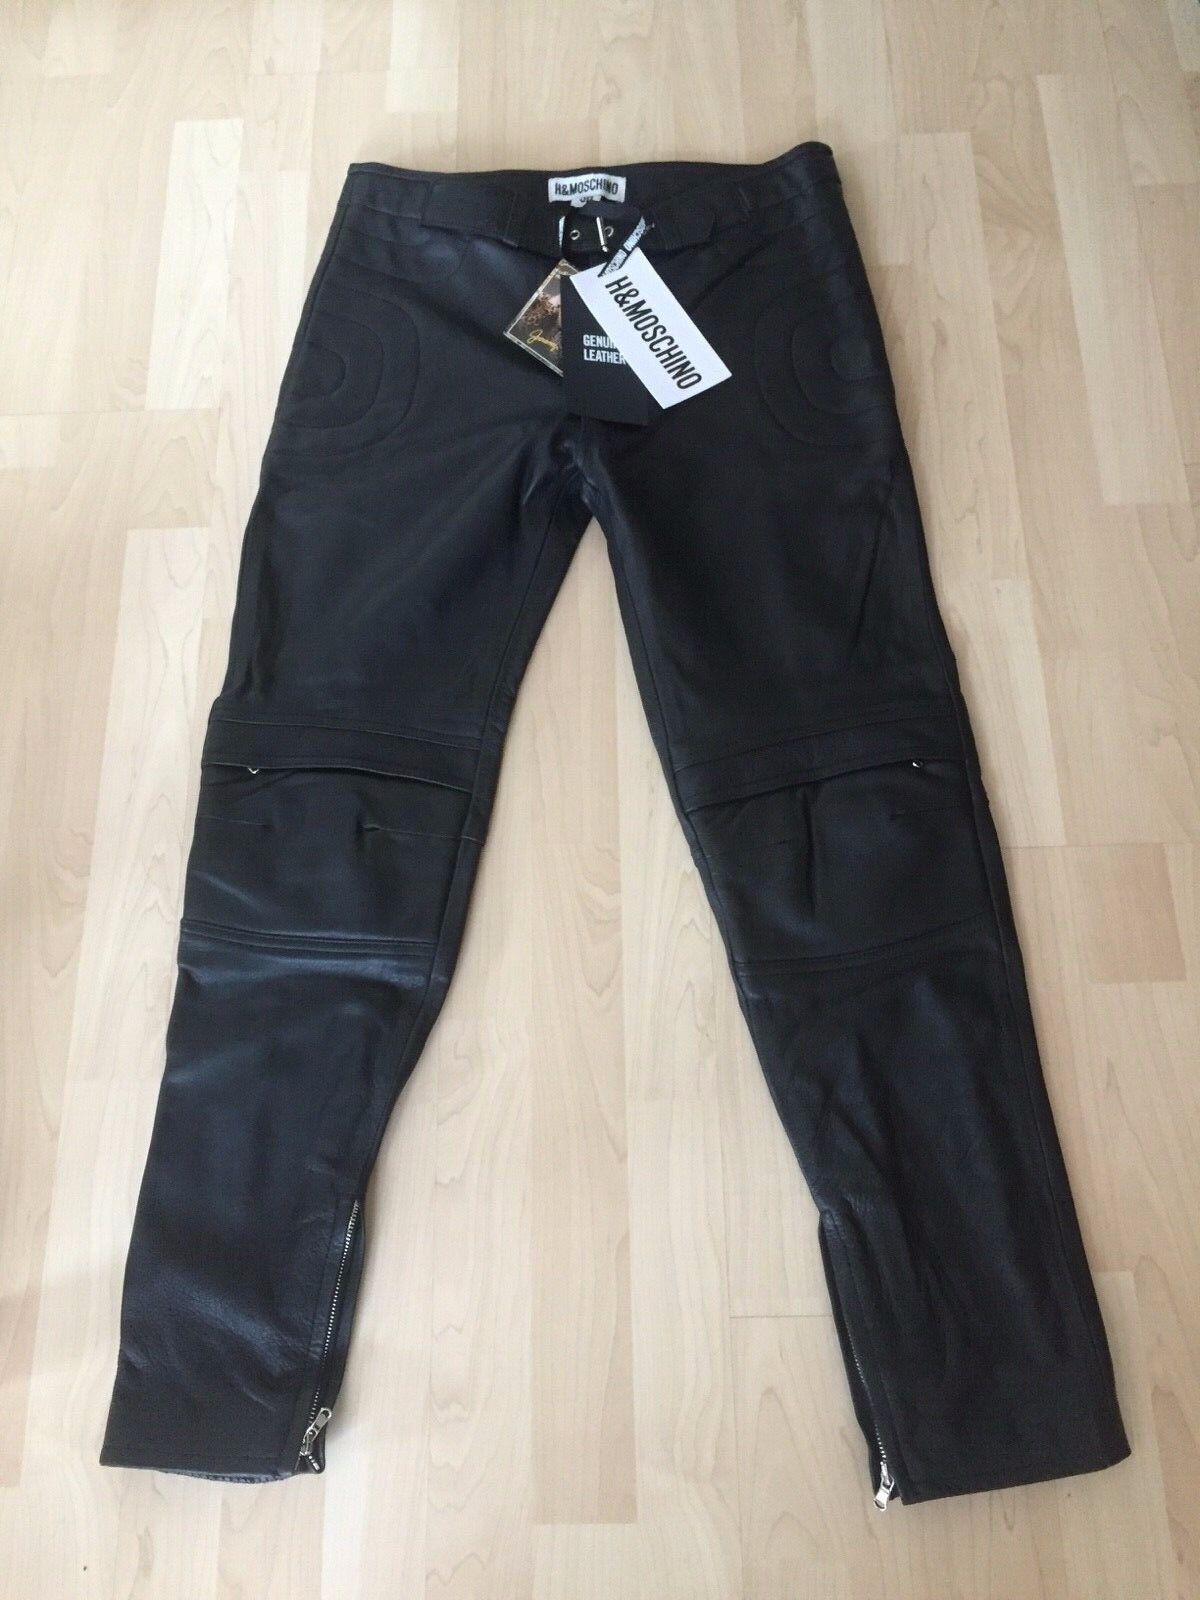 MOSCHINO H&MOSCHINO Leder Hose Pants Leather Herren men EUR Gr. 50 Größe US 34R